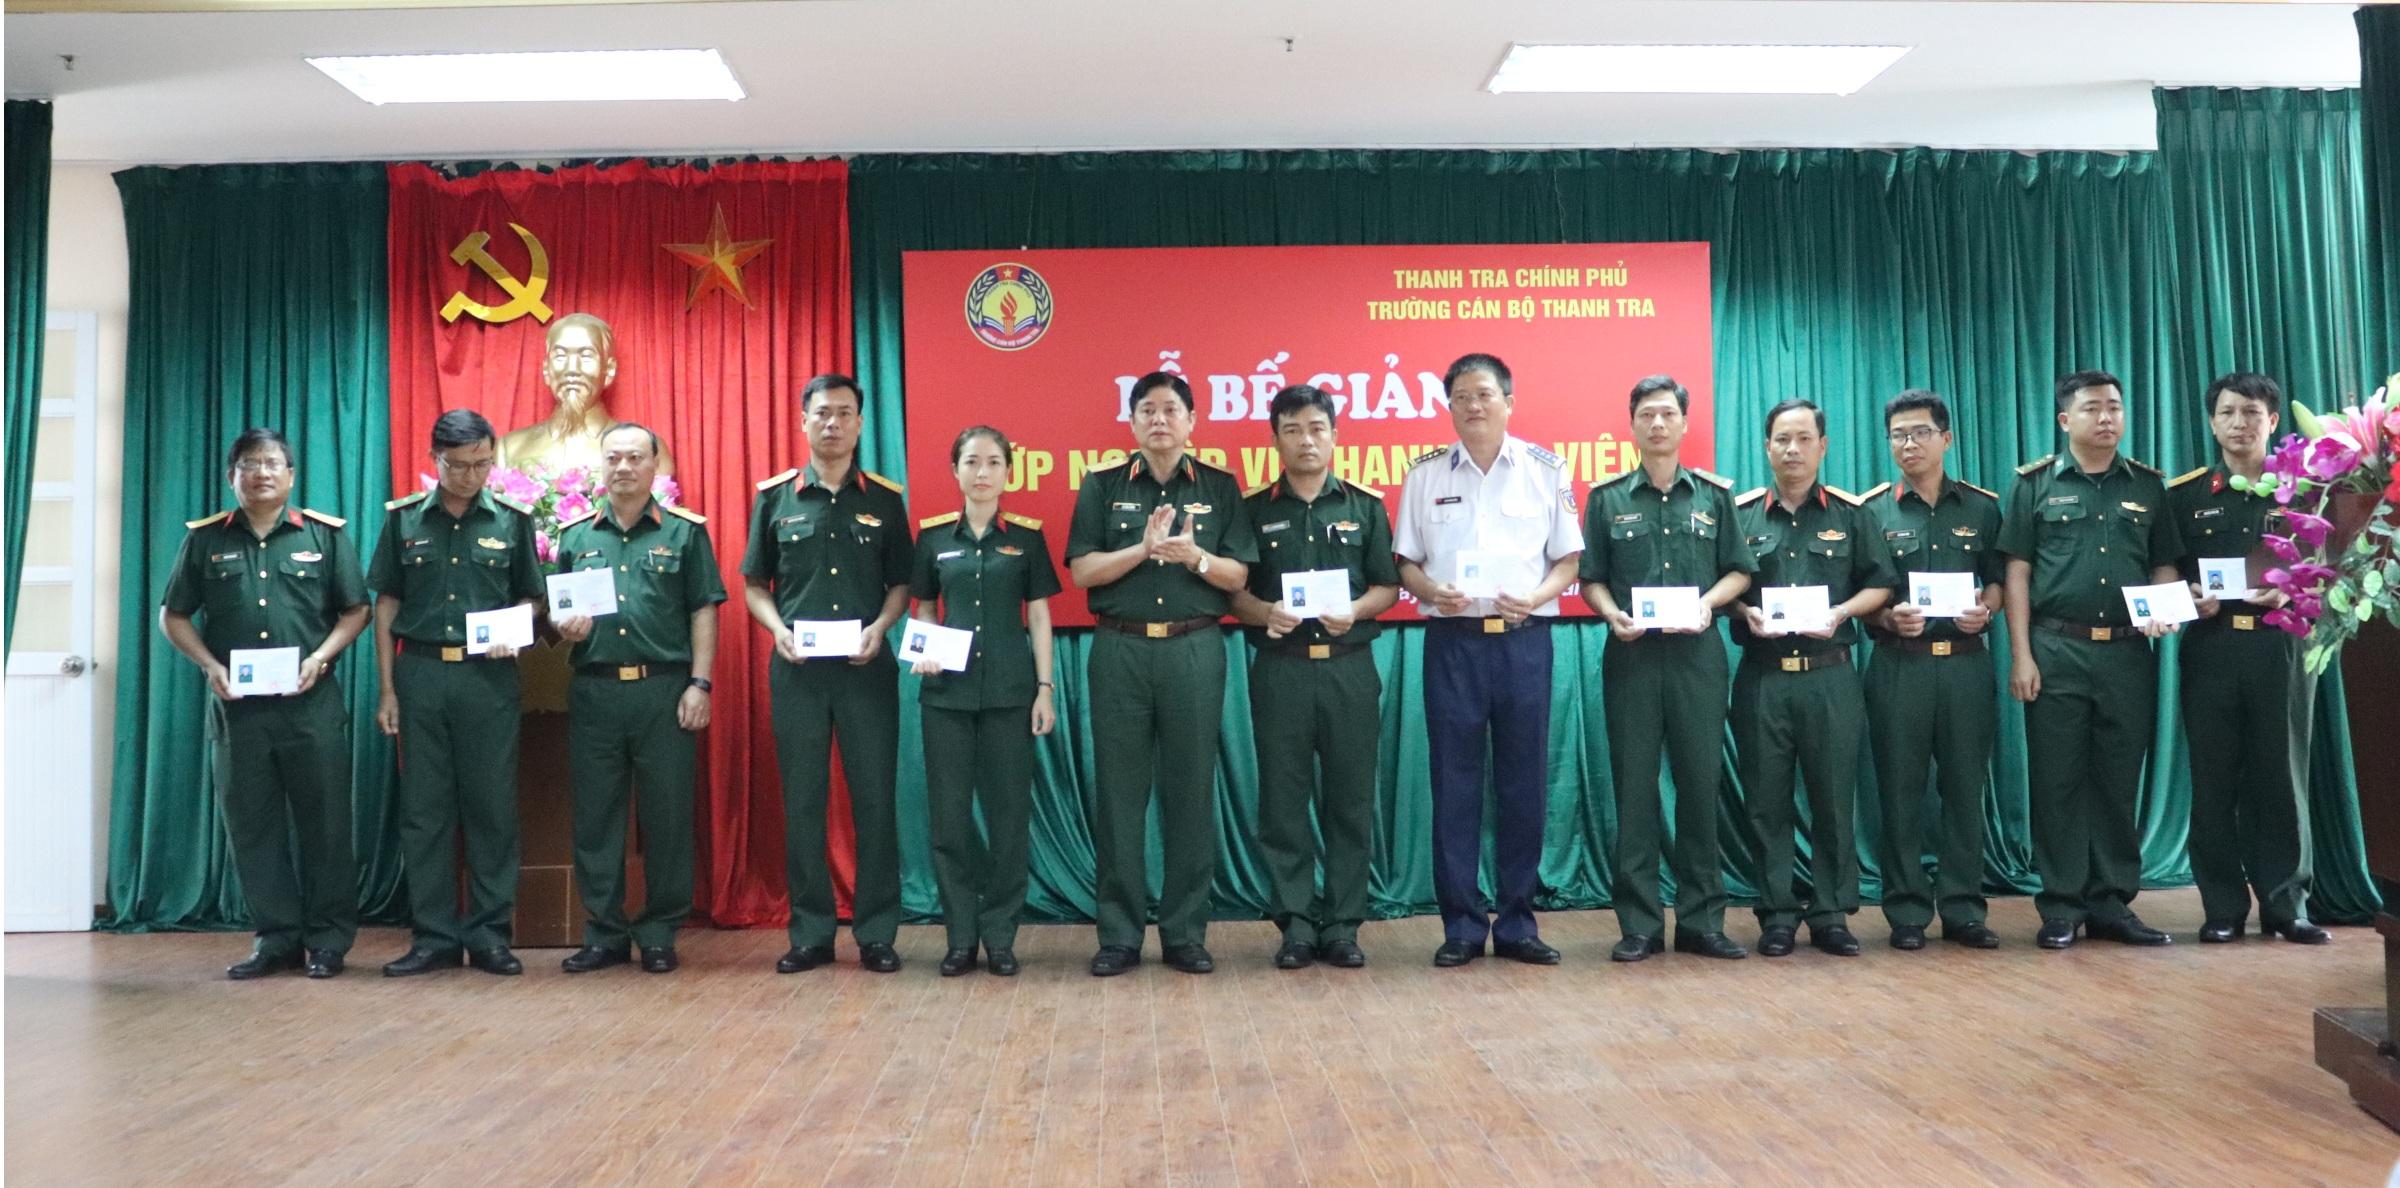 Thiếu tướng Lê Văn Lương PCTT BQP trao chứng chỉ cho học viên